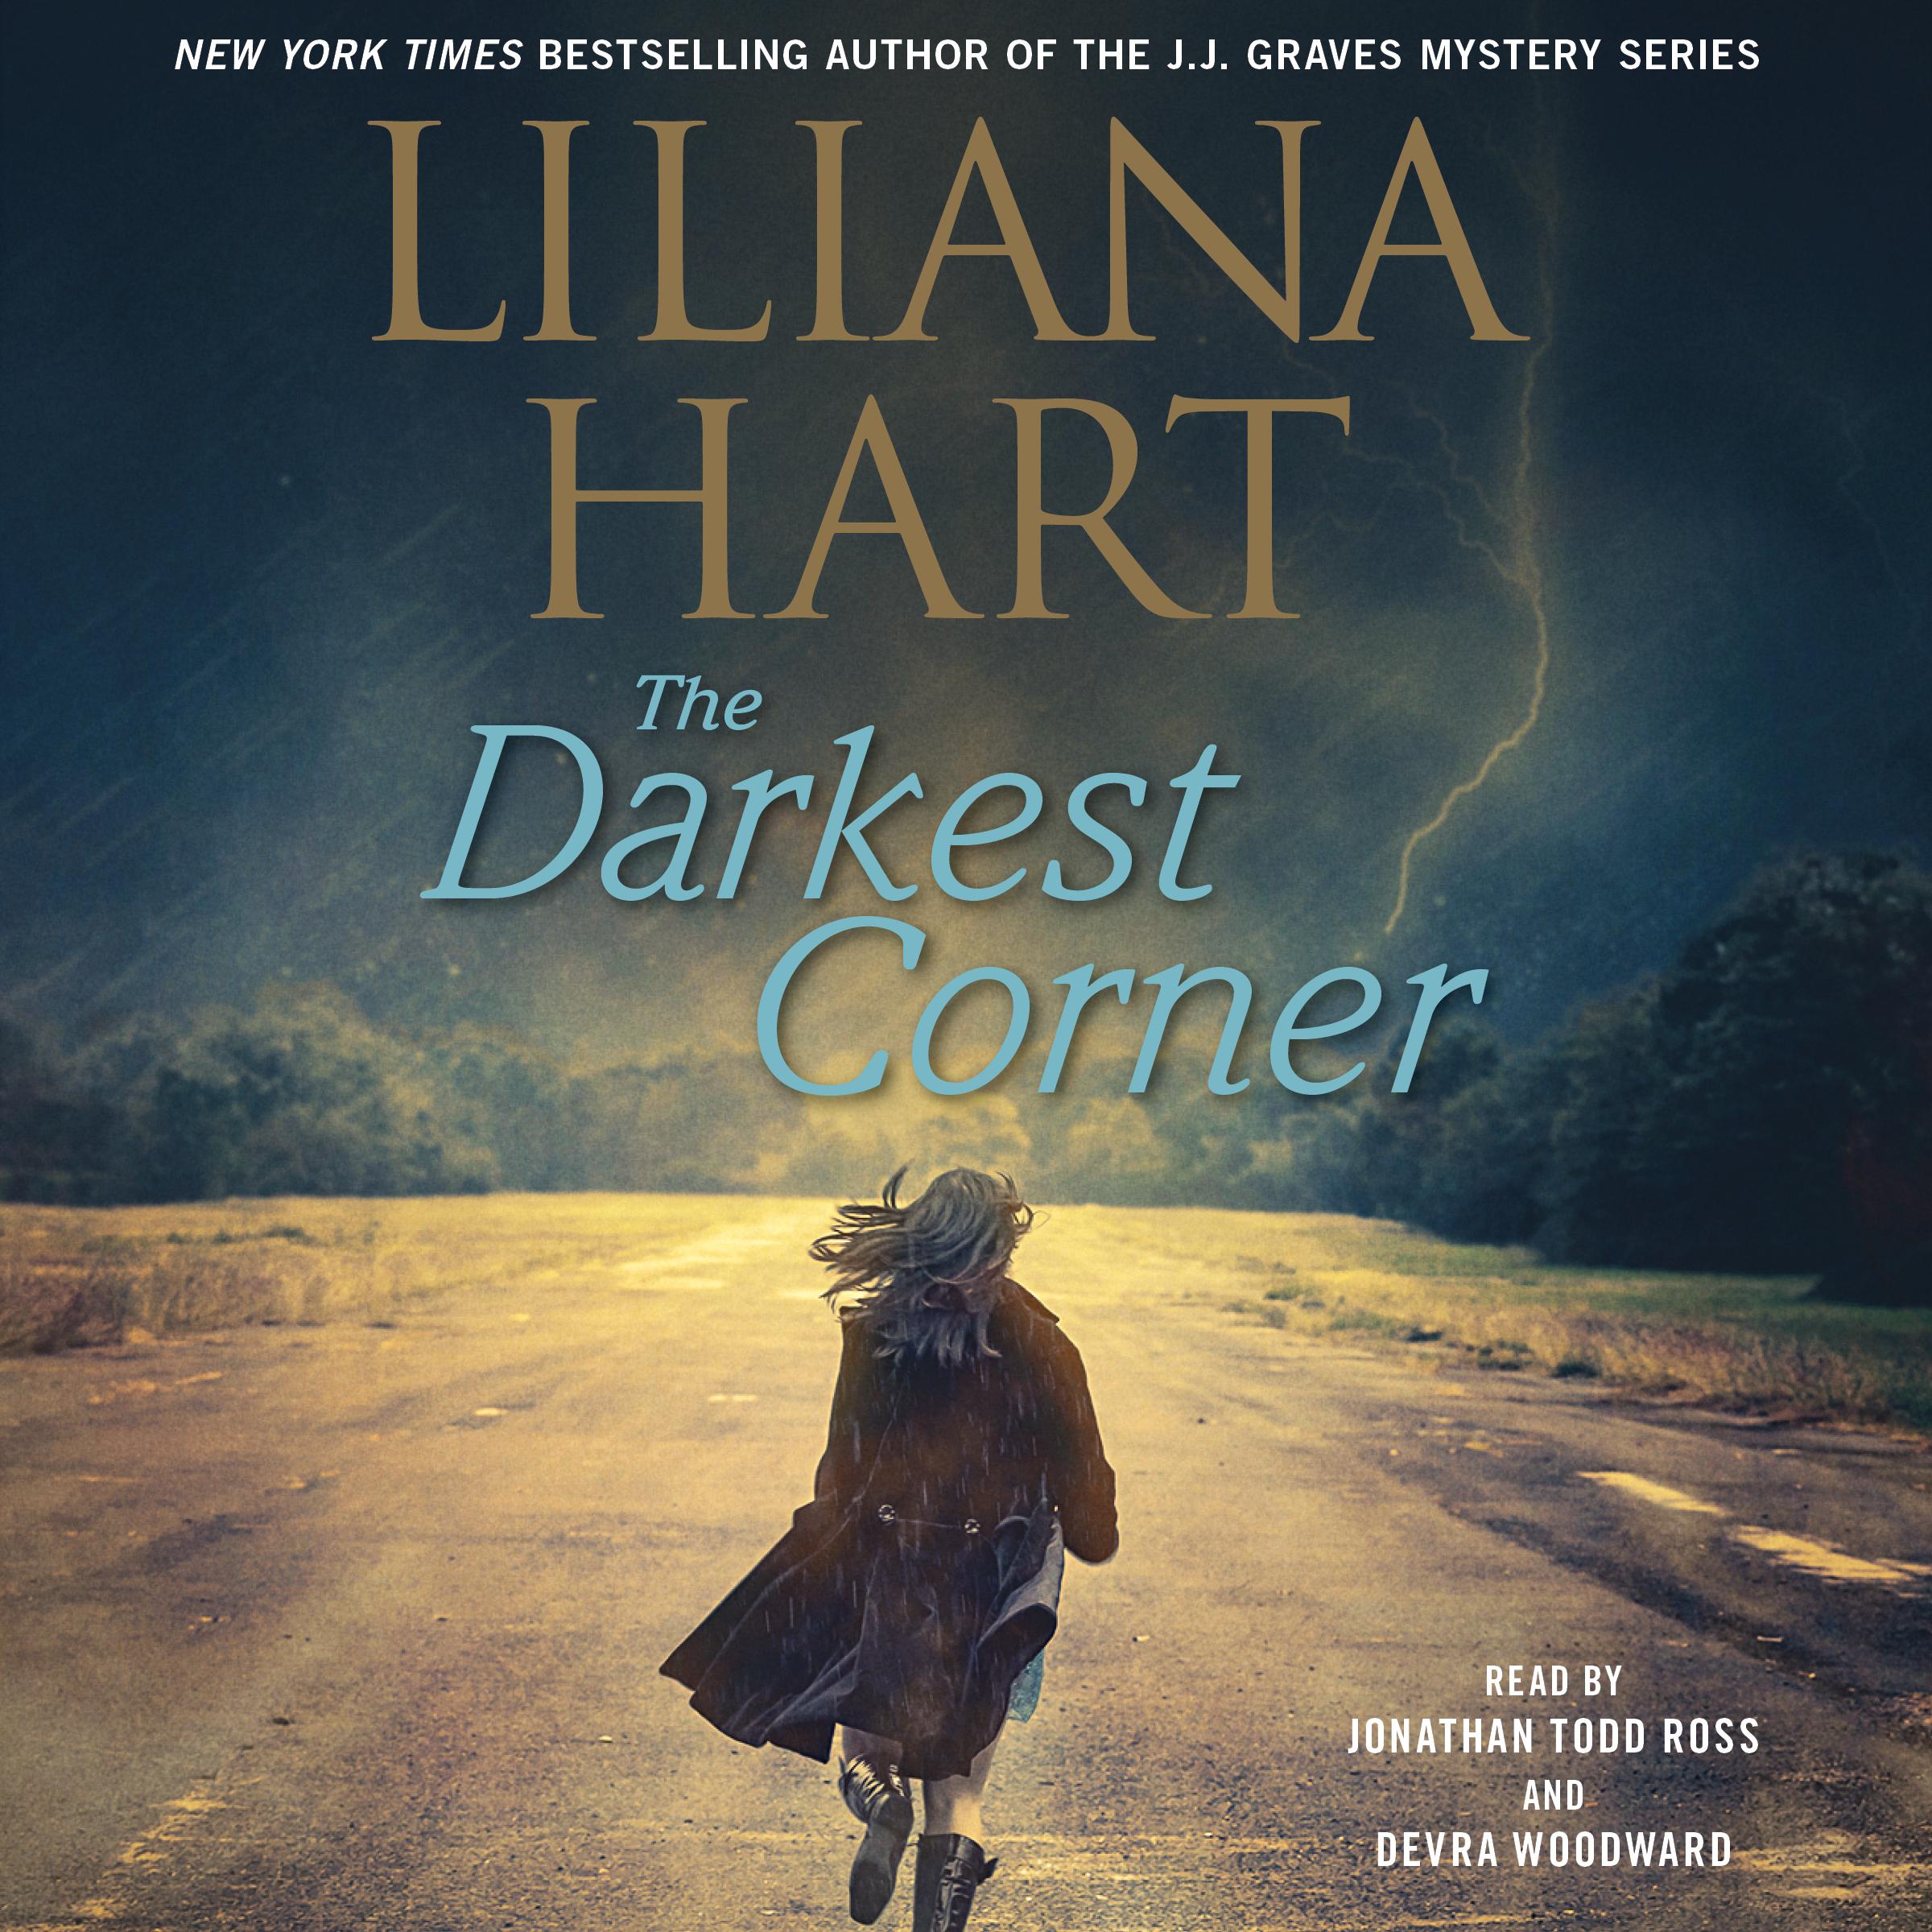 The darkest corner 9781508243373 hr